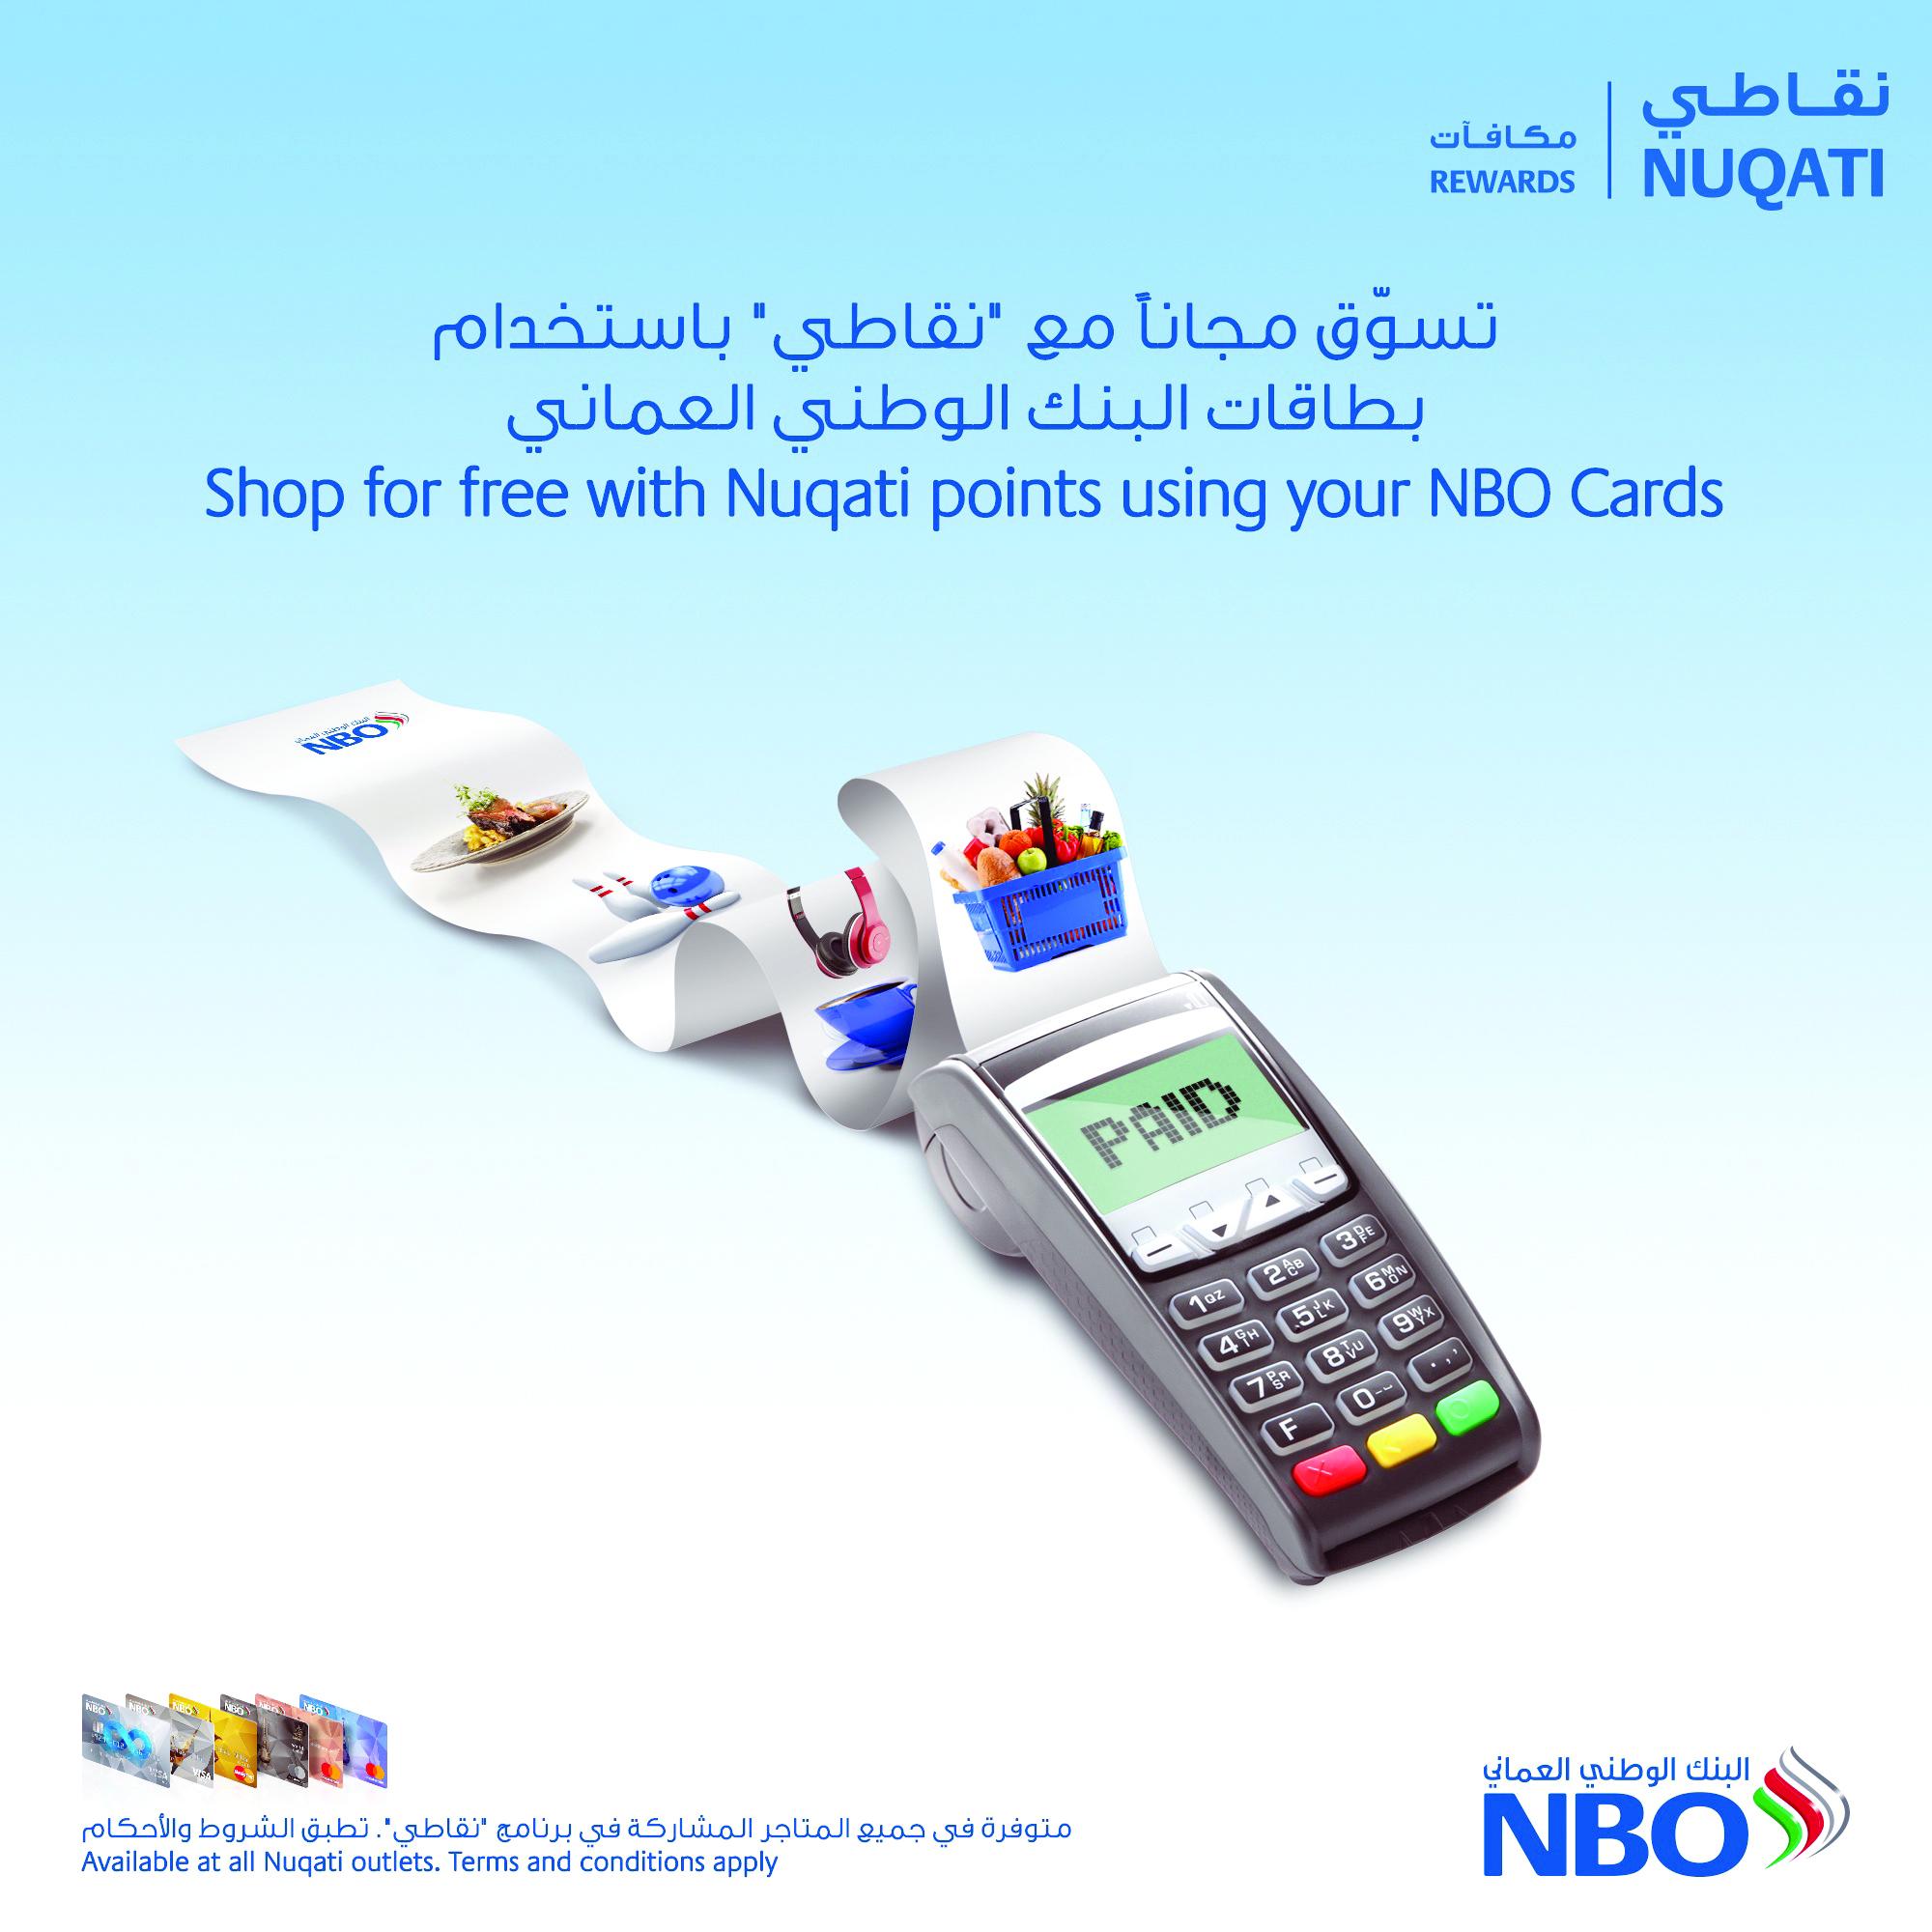 البنك الوطني العُماني يواصل مكافأة زبائنه بتجربة